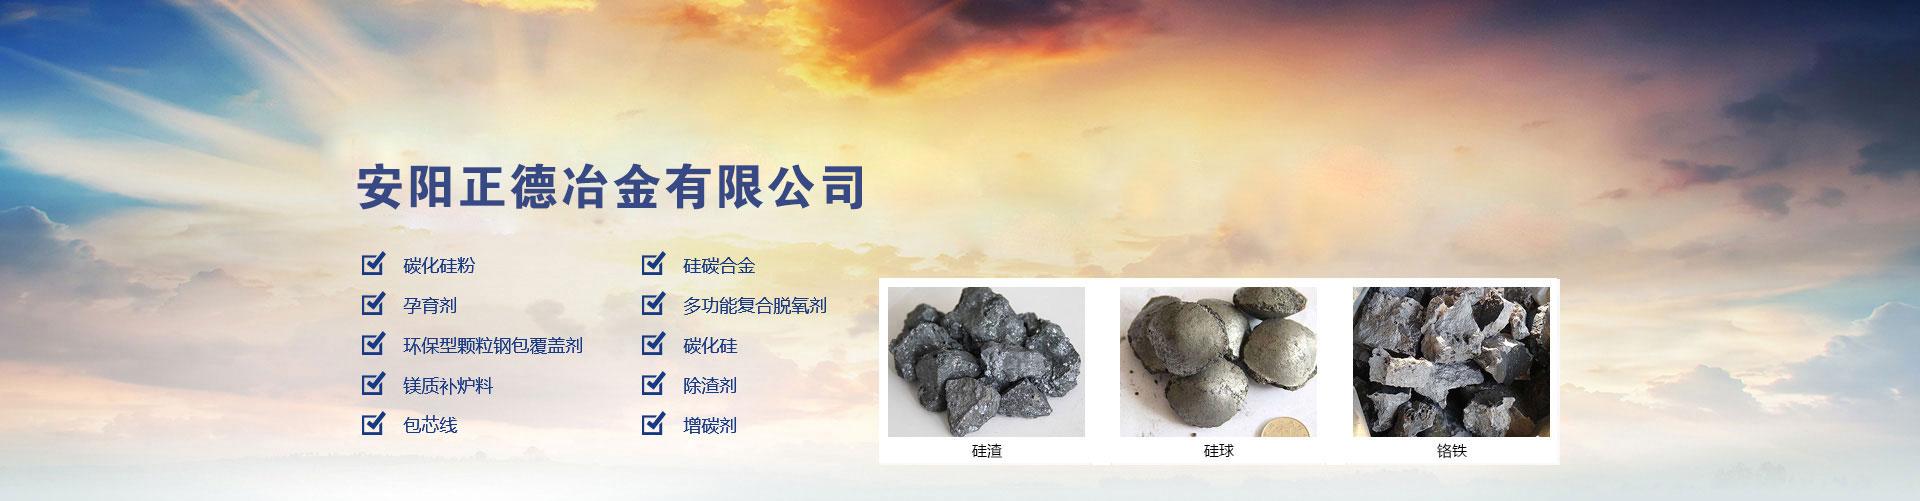 煉鋼脫氧劑產品展示